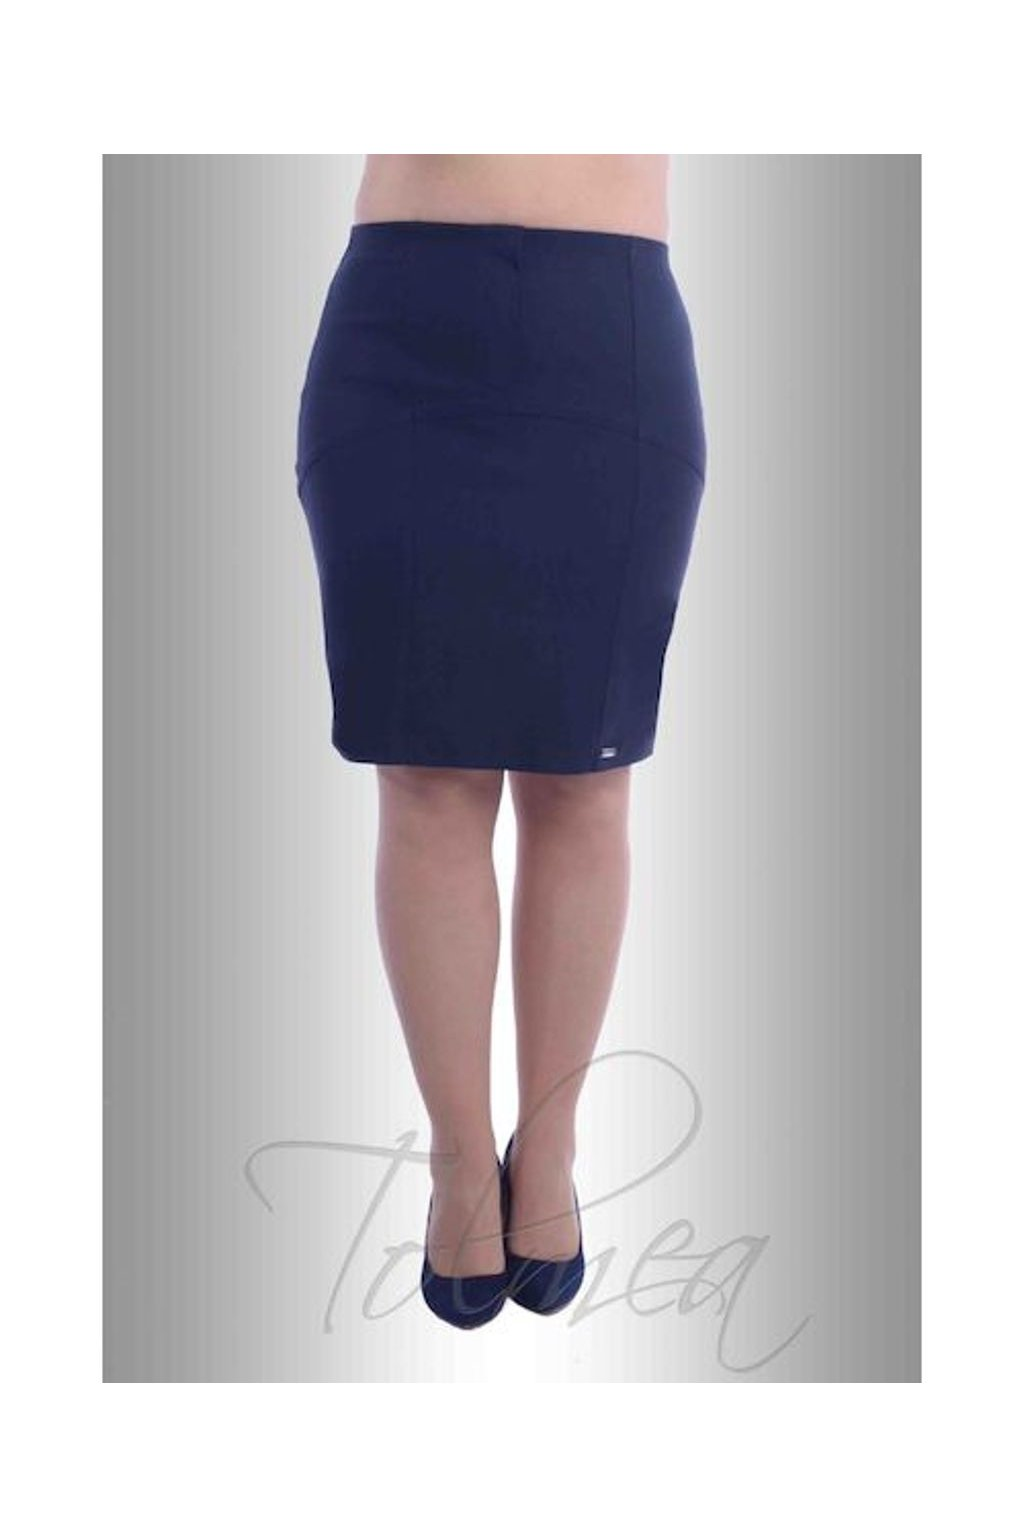 Sukně elastická členěná 4817 (Velikost 36, Barva Modrá)